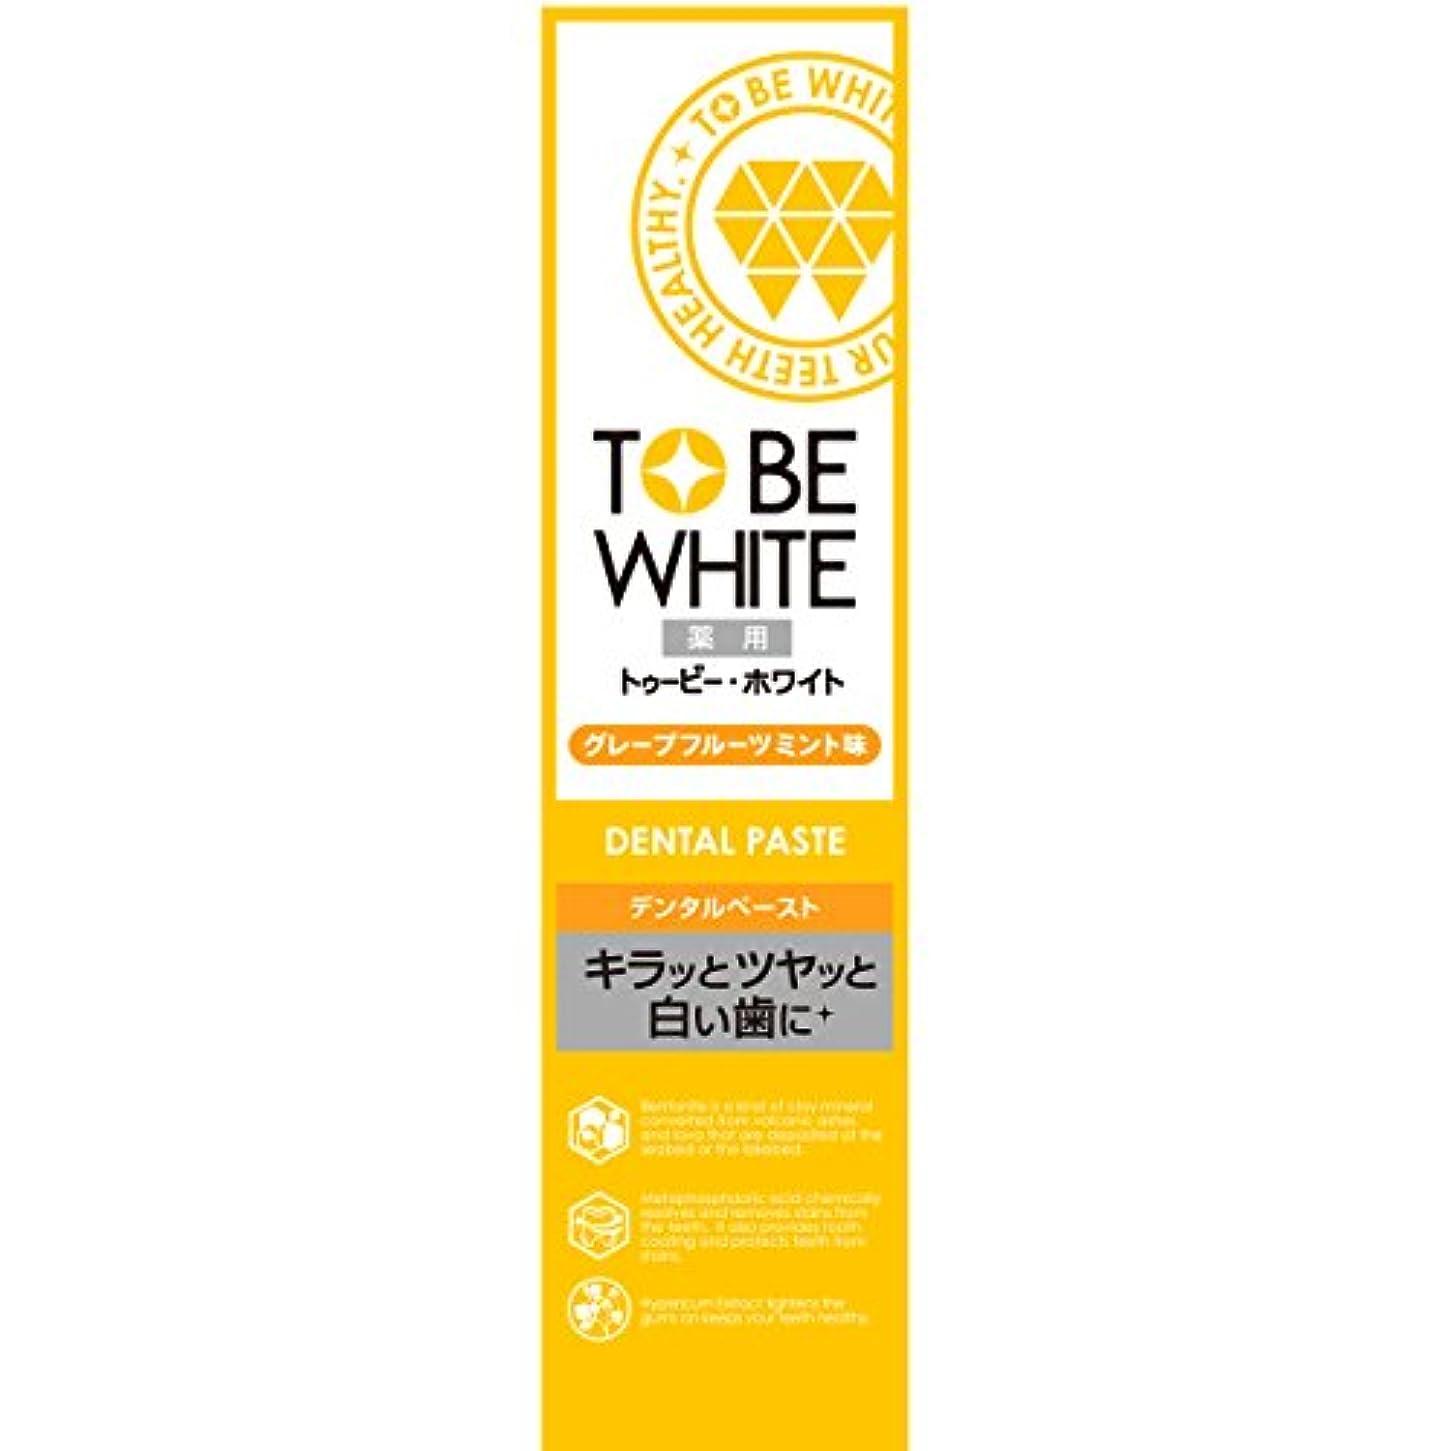 間違っている爆弾緩やかなトゥービー?ホワイト 薬用 ホワイトニング ハミガキ粉 グレープフルーツミント 味 60g 【医薬部外品】